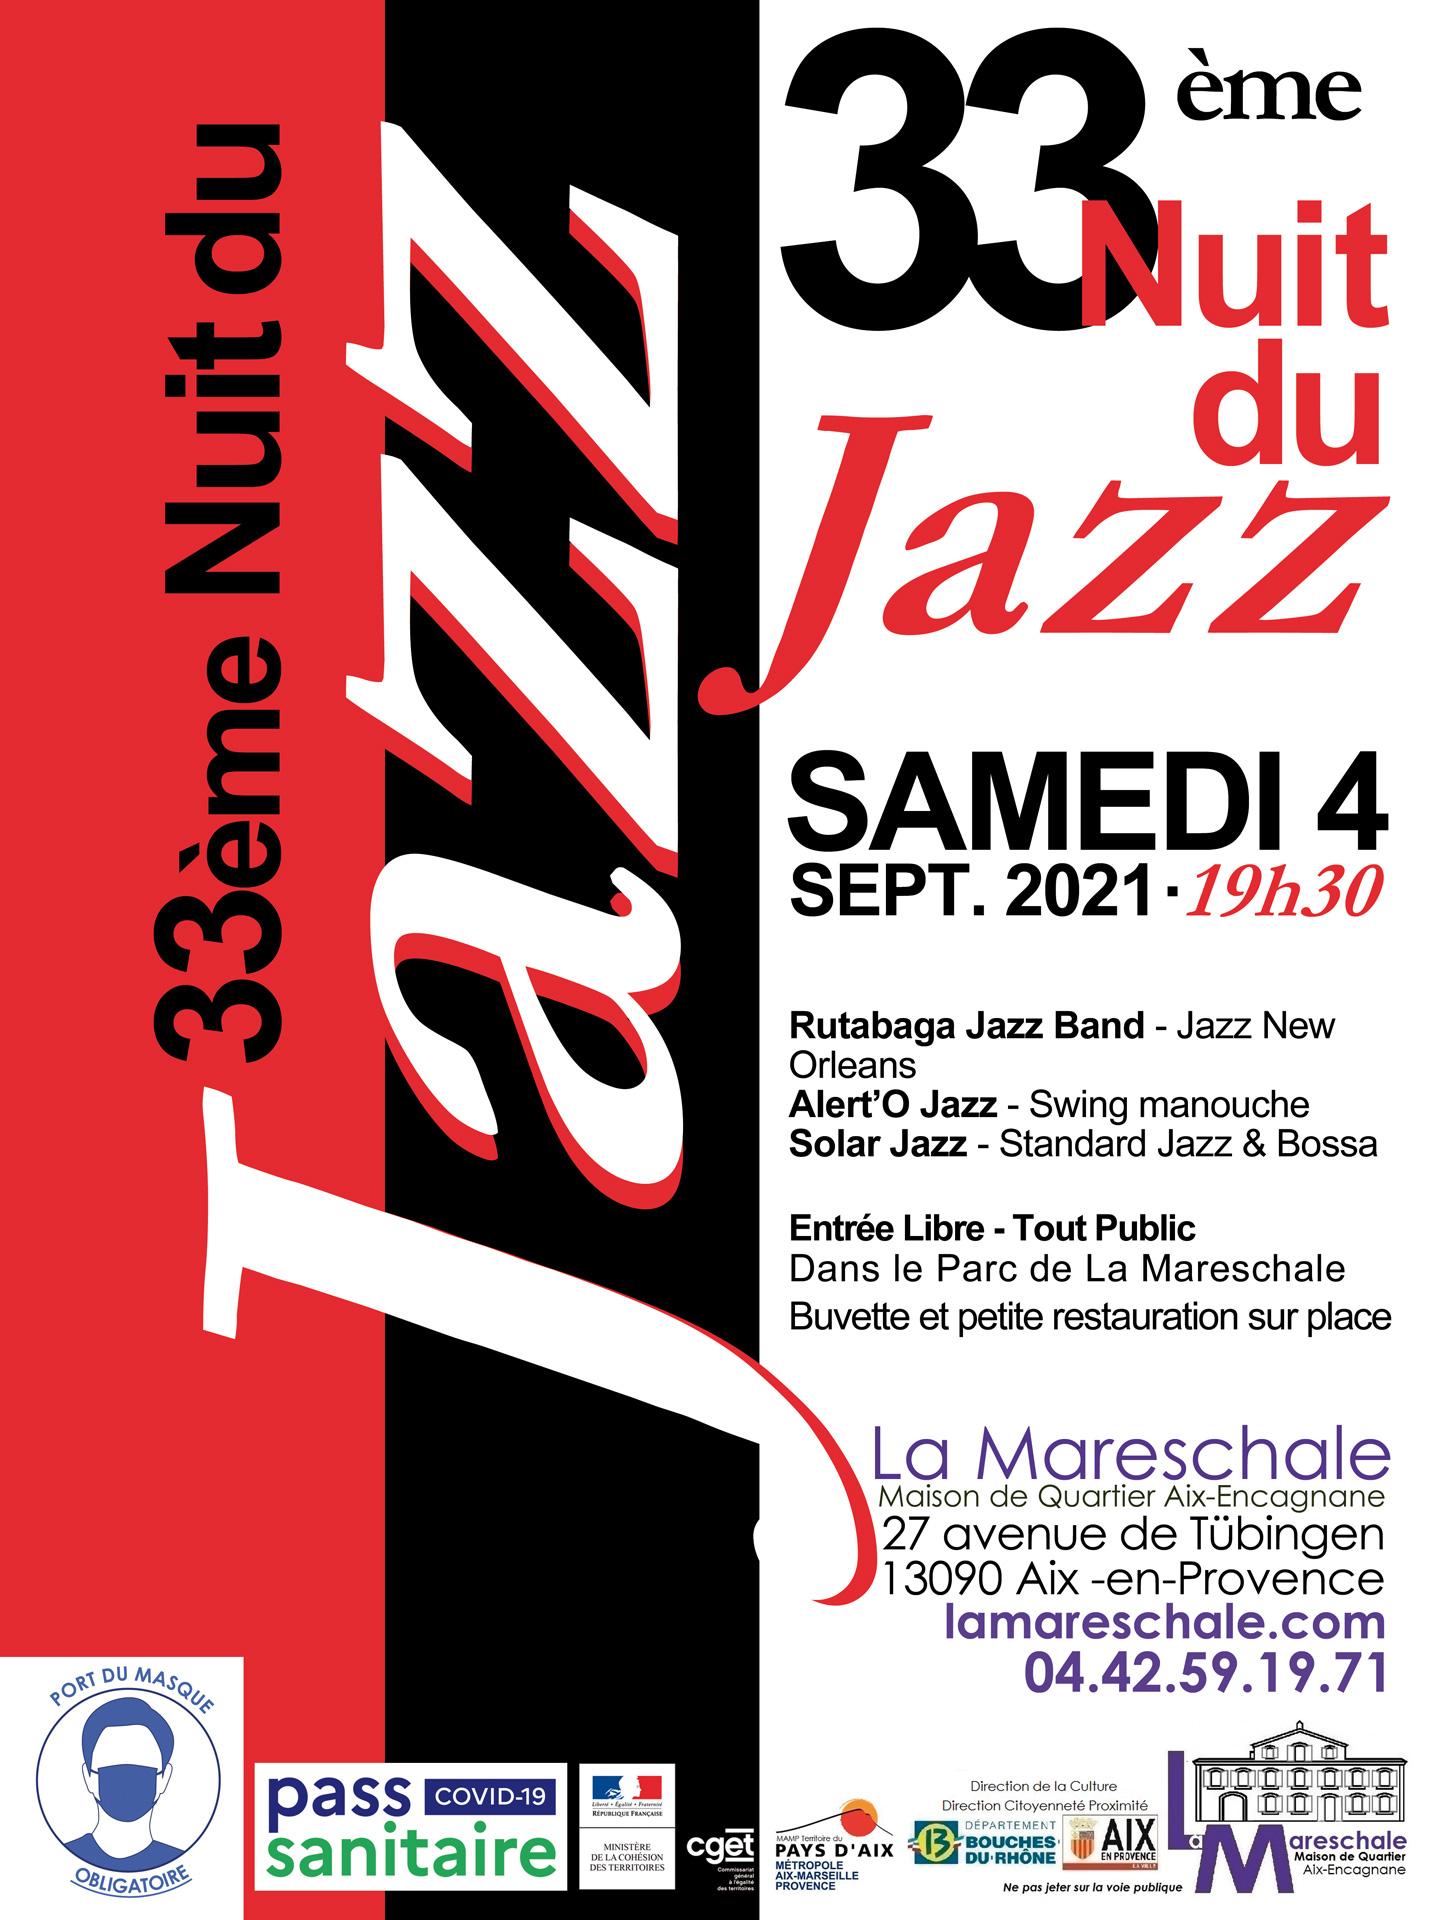 33eme-nuit-du-jazz-affiche-30x40-1290